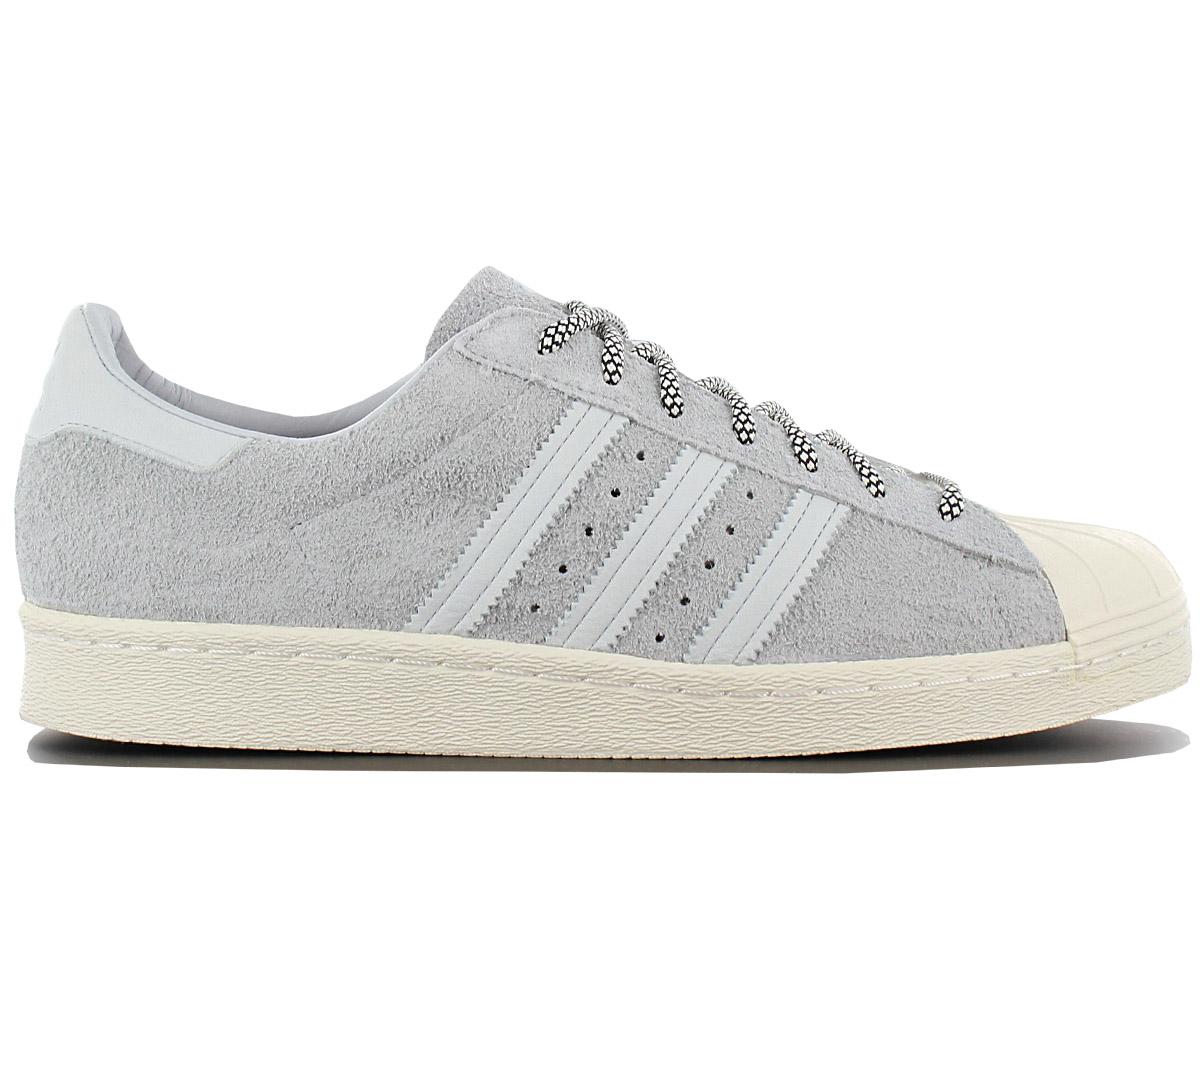 Adidas Originals Superstar Herren Fashion 80s Sneaker Schuhe Freizeit Turnschuh 80s Fashion 019a3d